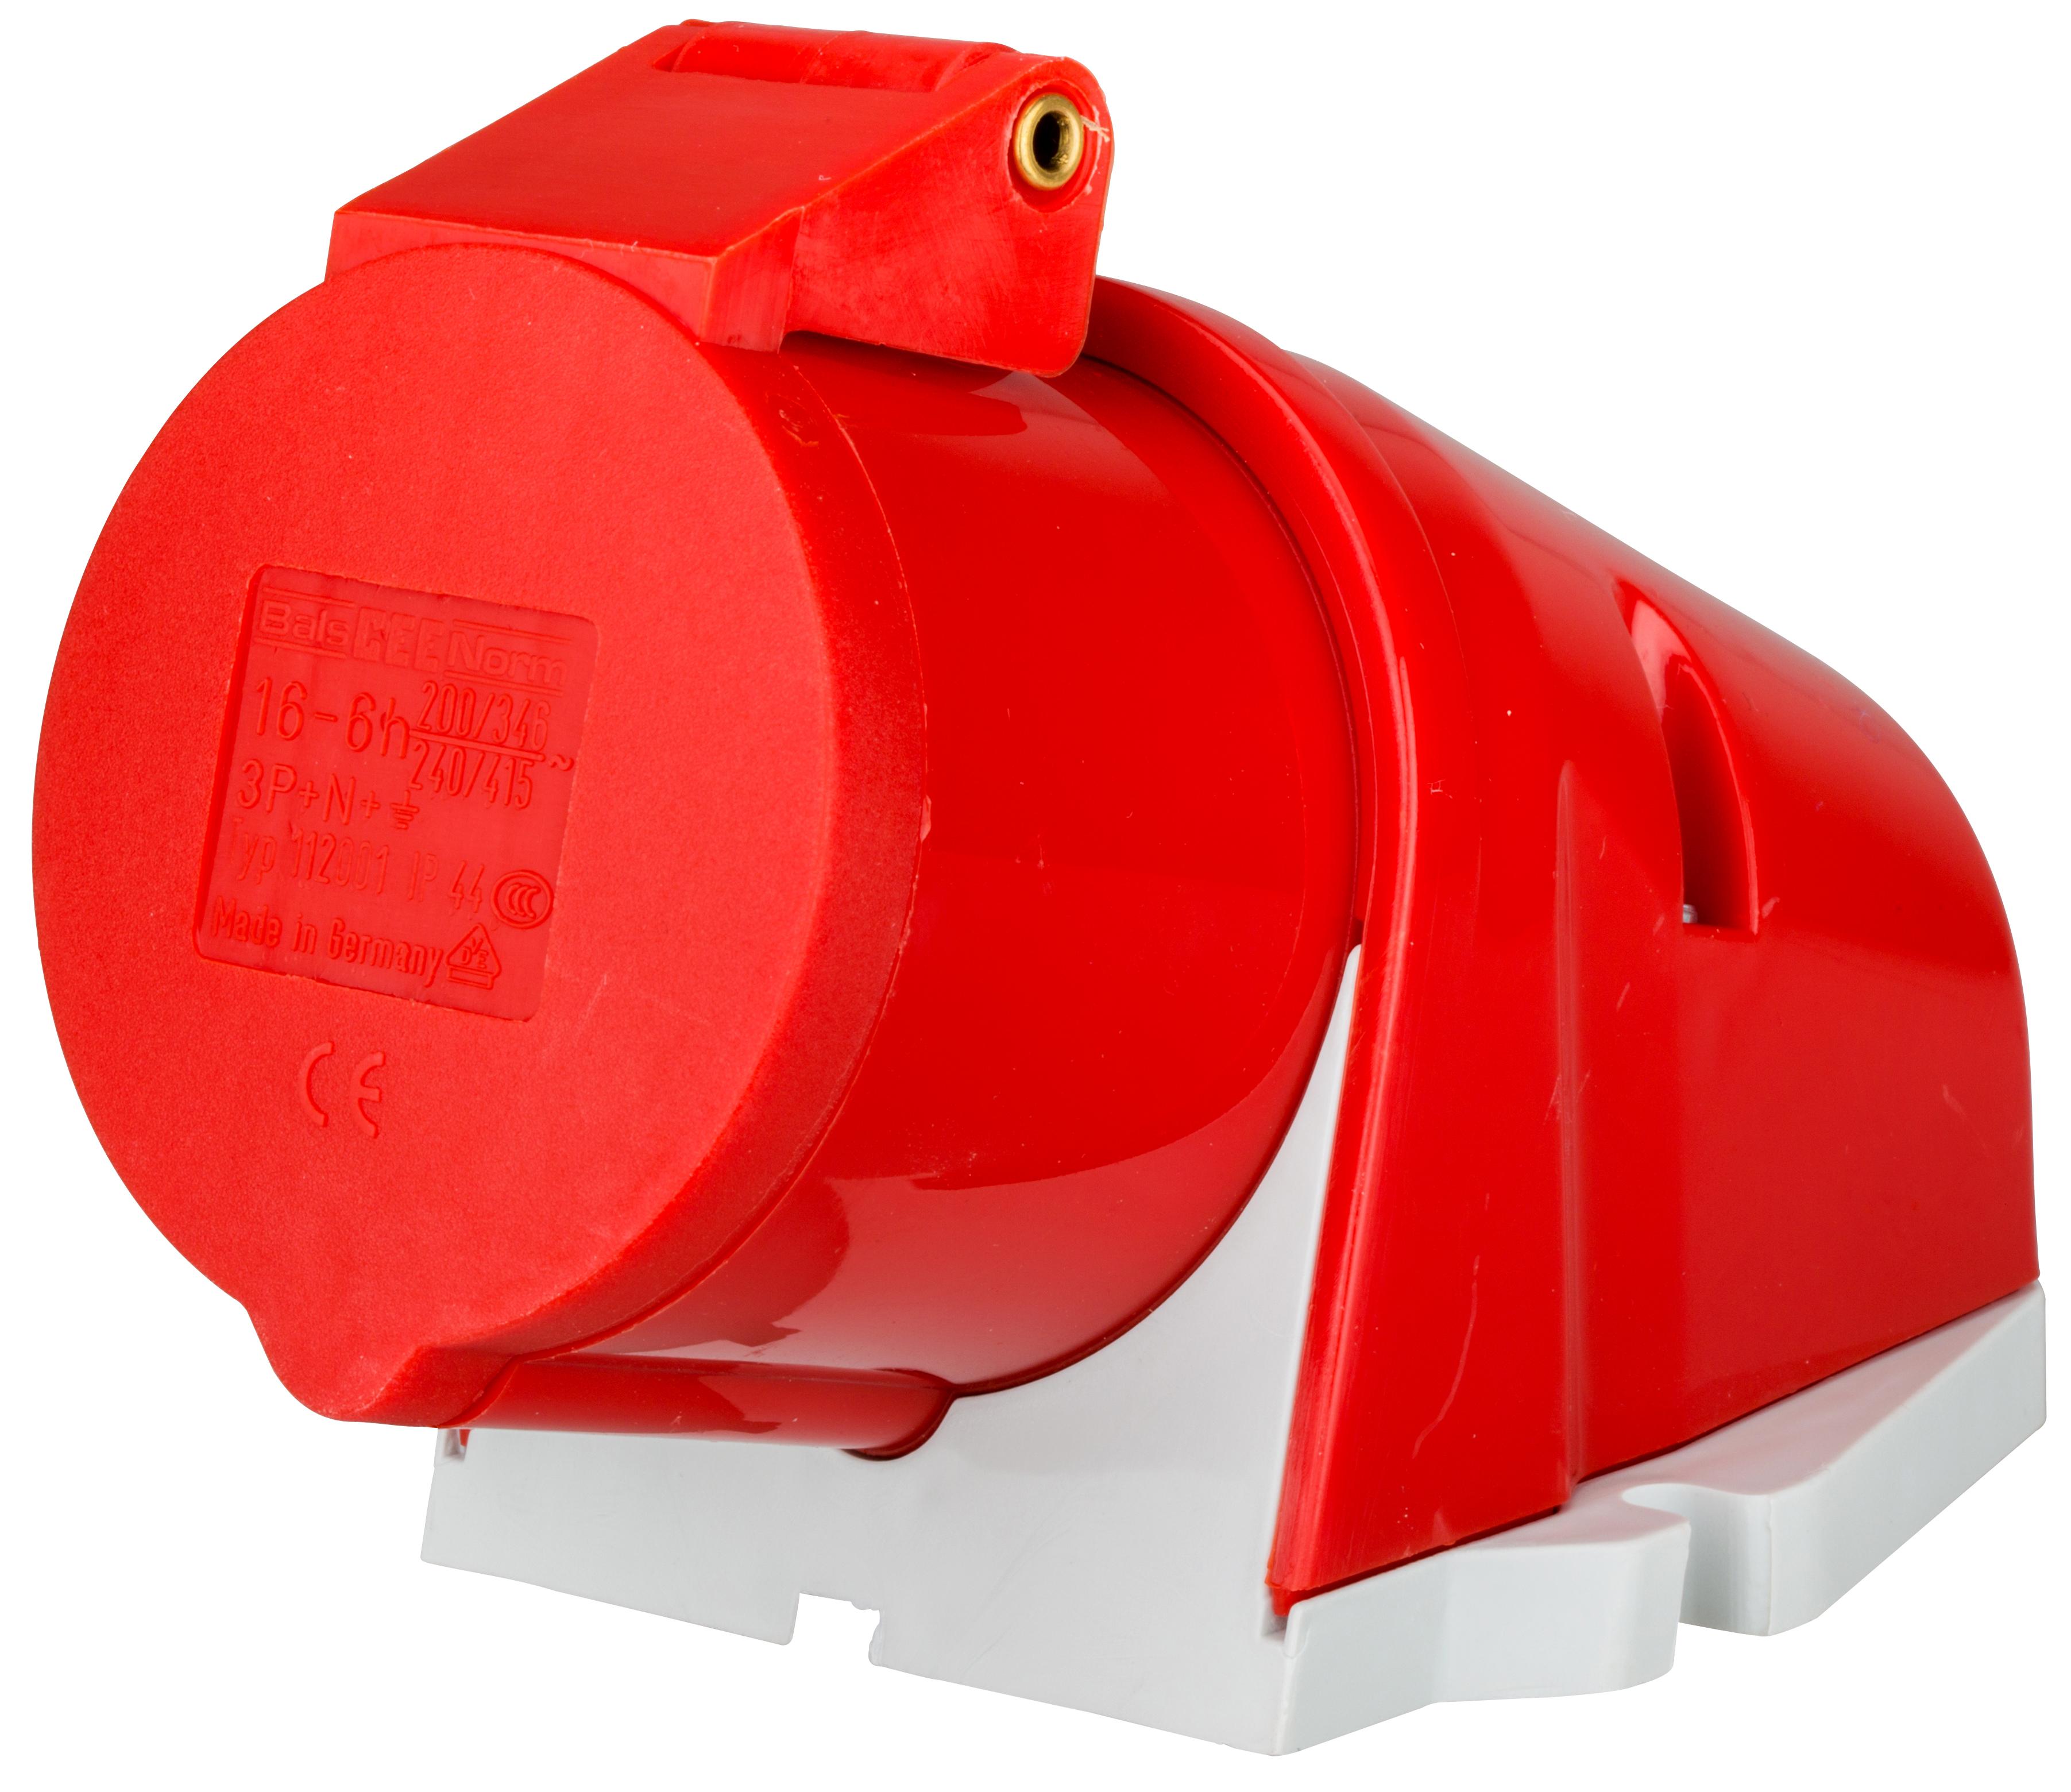 1 Stk CEE-Wandsteckdose 5x16A, Schneidklemmtechnik YY503516--